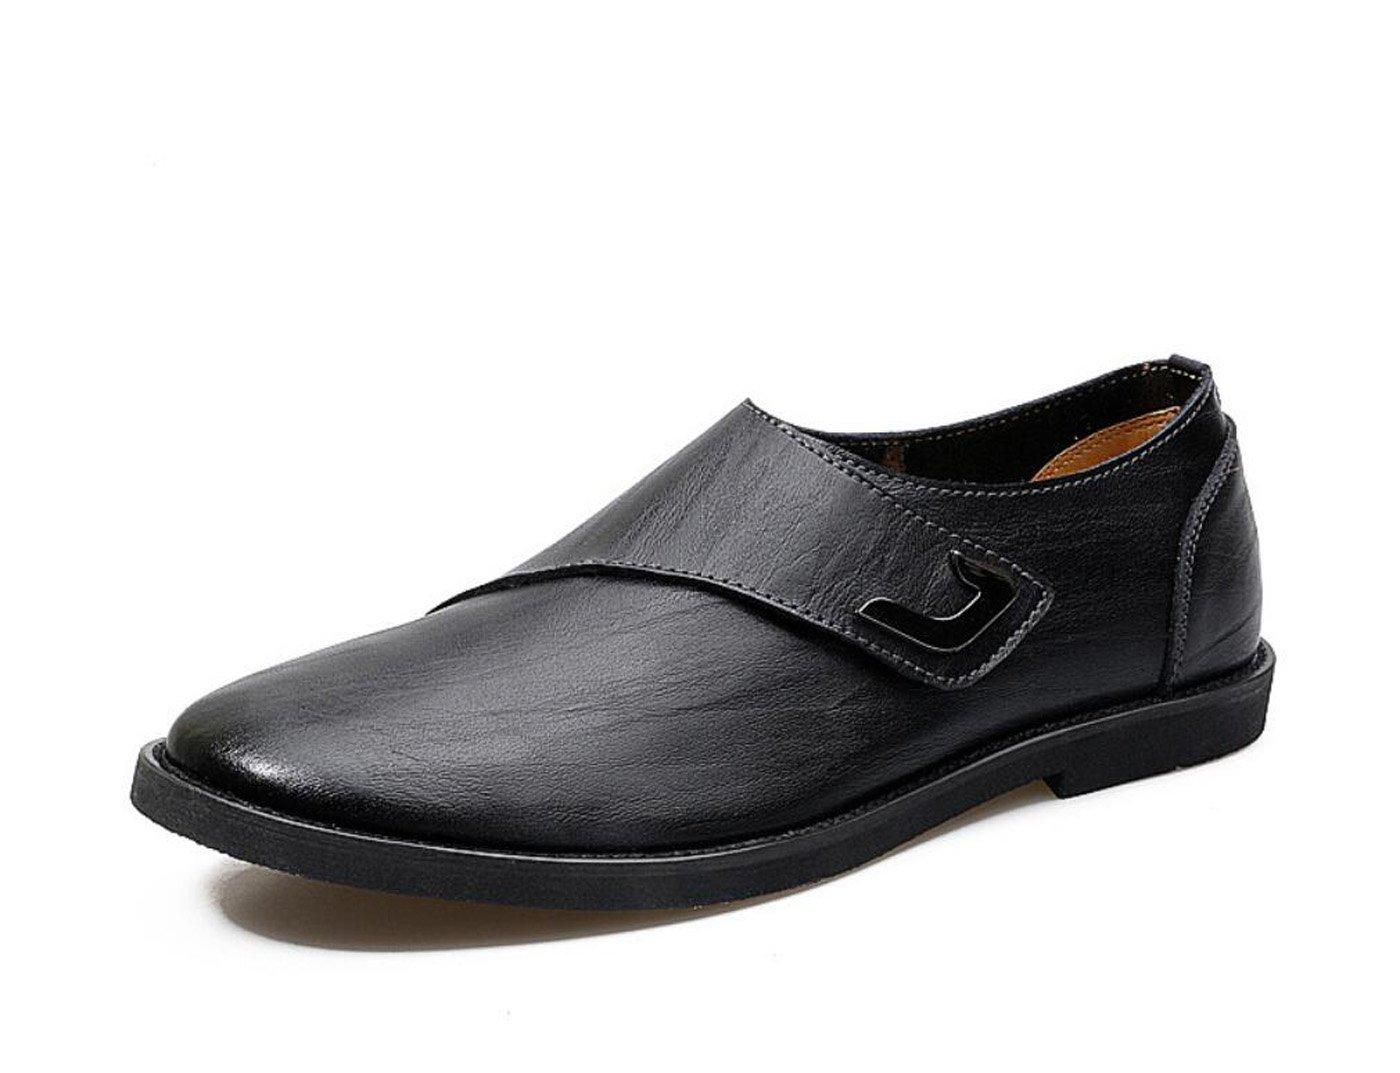 GDXH Herrenschuhe 2018 Frühling und Sommer Spitzschuh Loafers Freizeitschuhe Soft Sohlen Business Casual Schuhe Formale Schuhe